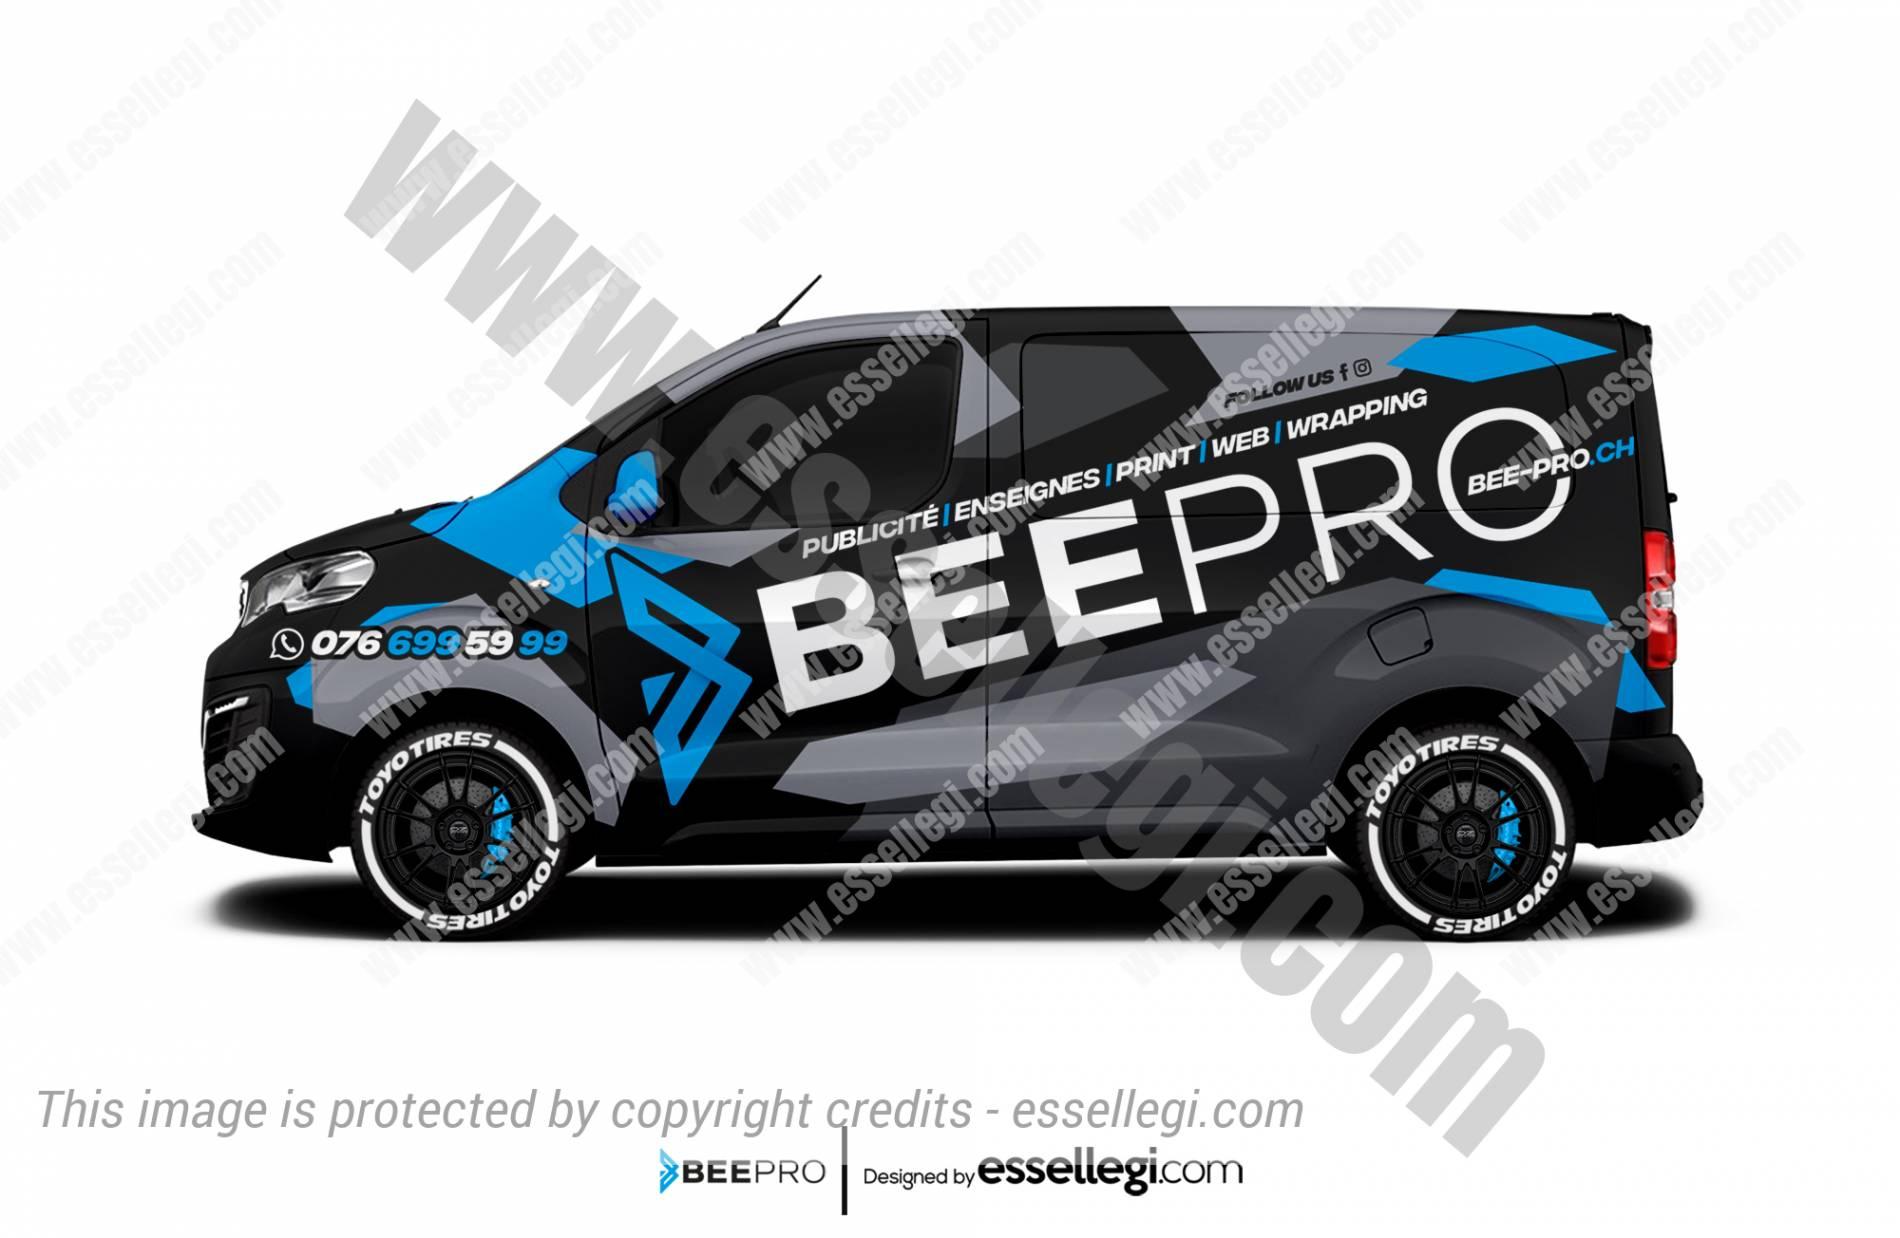 BEEPRO | VAN WRAP DESIGN 🇨🇭